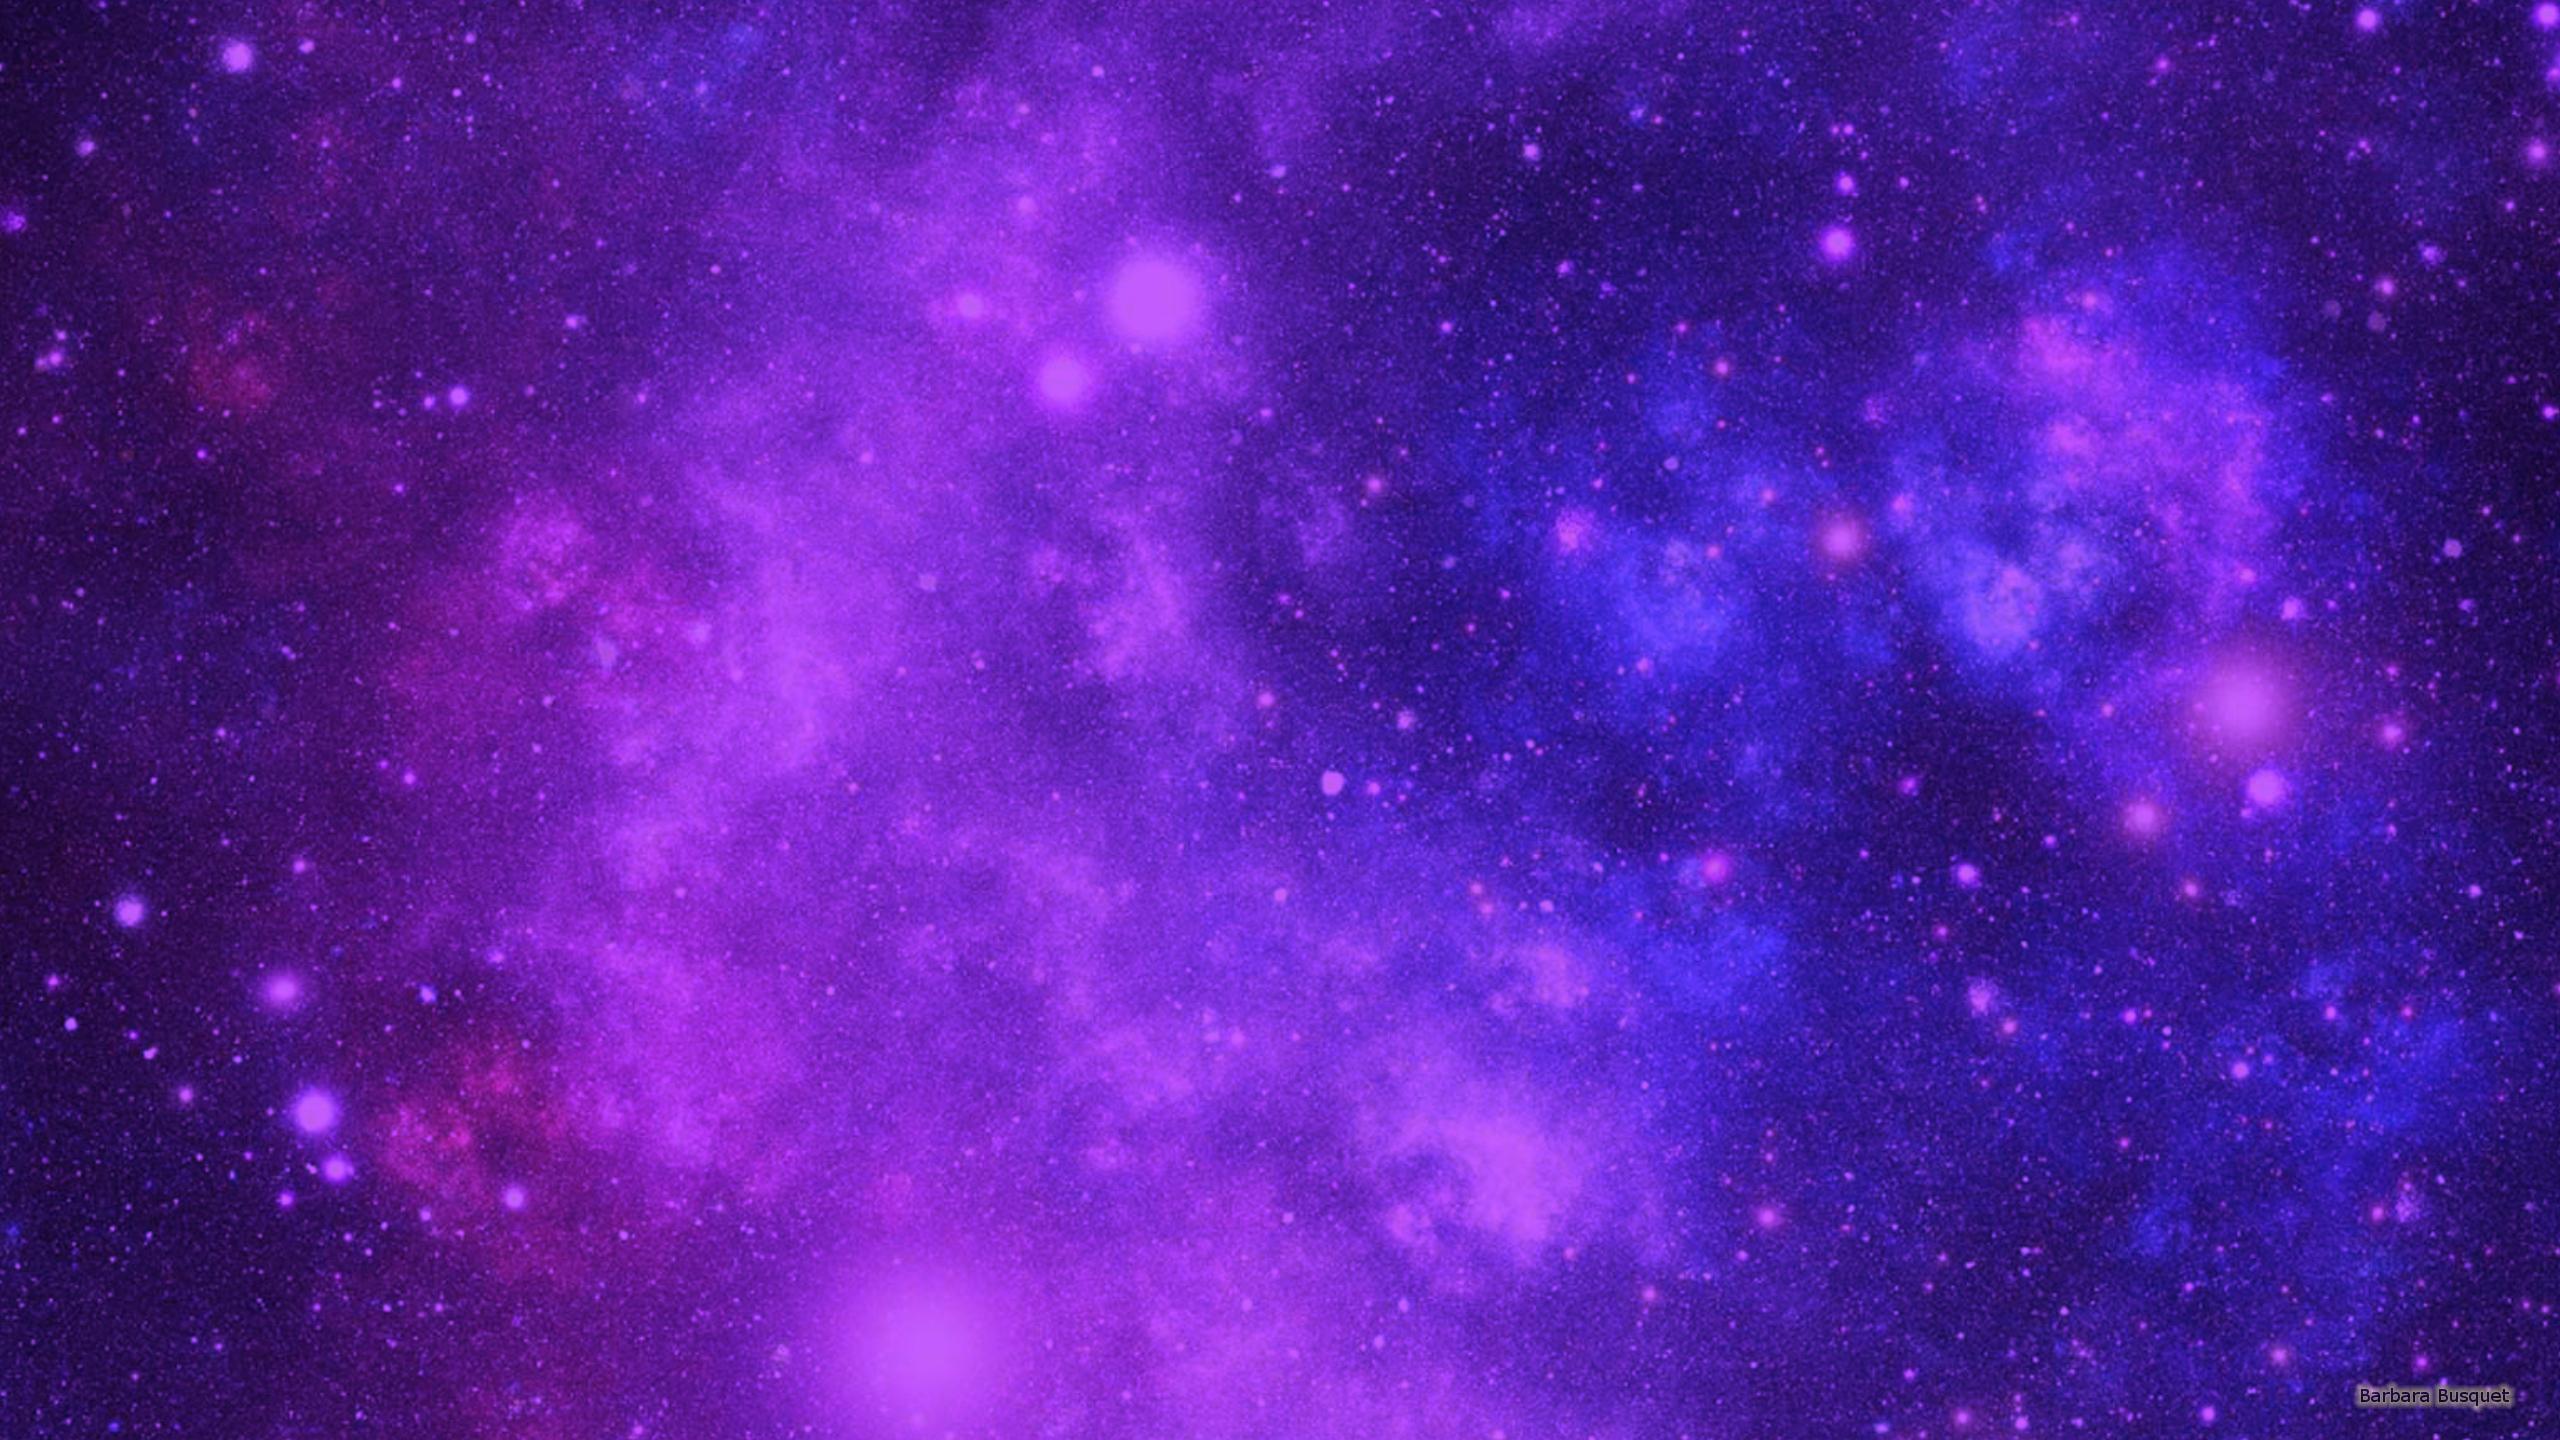 blue purple sky desktop wallpaper - photo #35